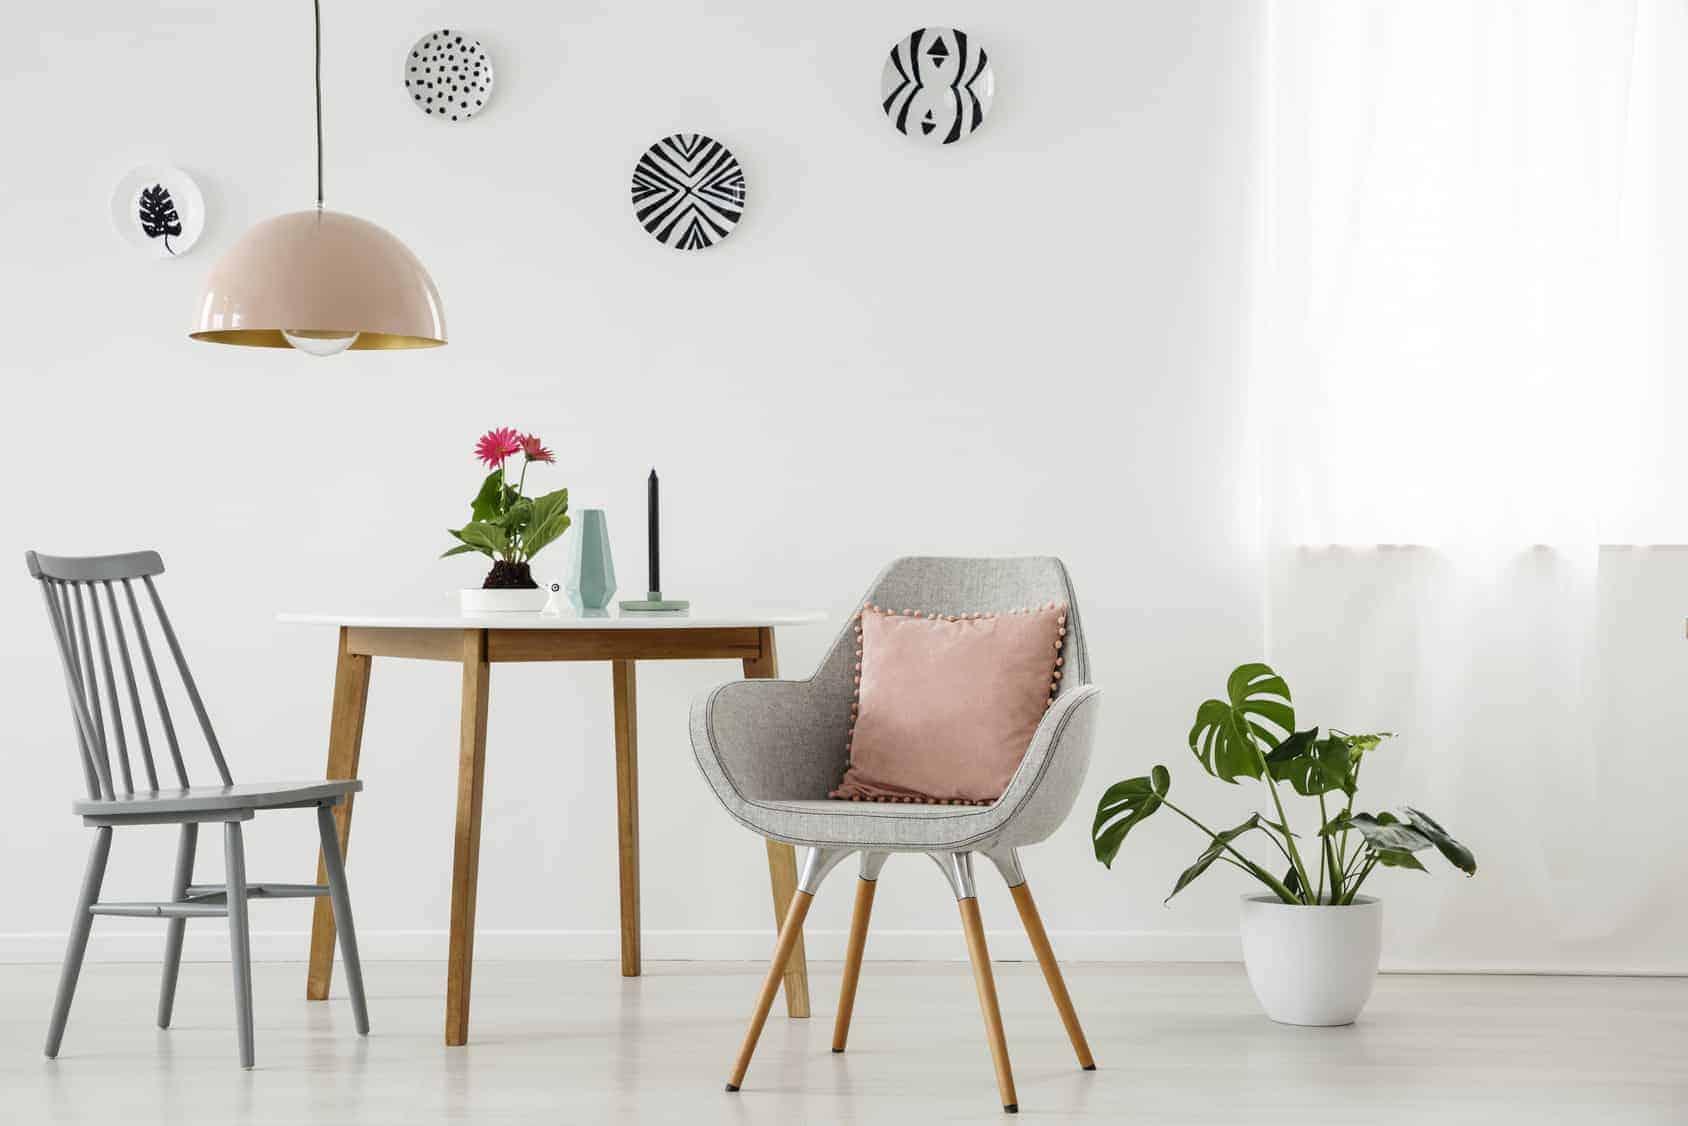 Graue Stühle, Holztisch Und Pflanze, Wandteller (langweilige Wände)